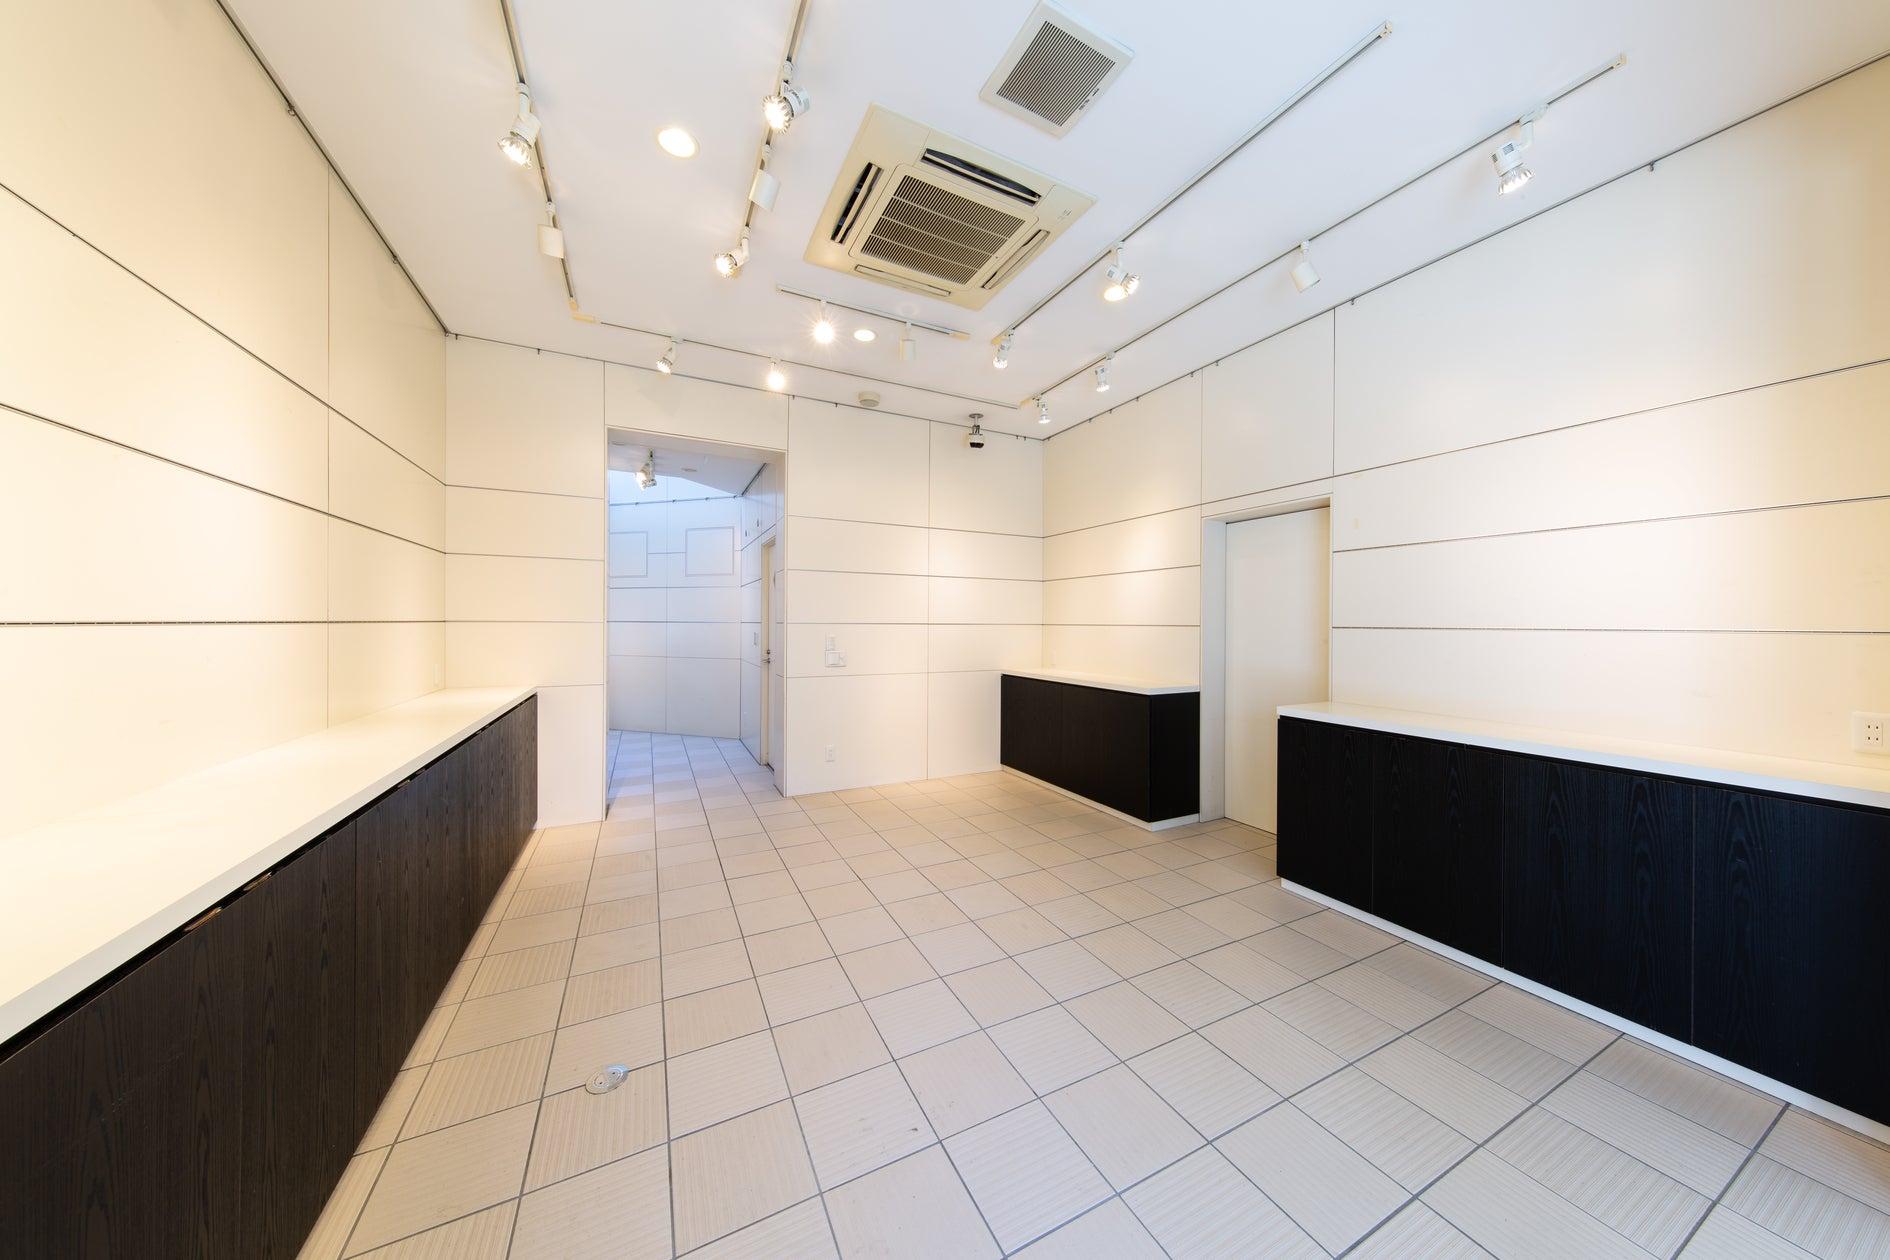 光溢れるホワイトスペース。大小の小部屋が利用可能です(光溢れるホワイトスペース。大小の小部屋が利用可能です) の写真0